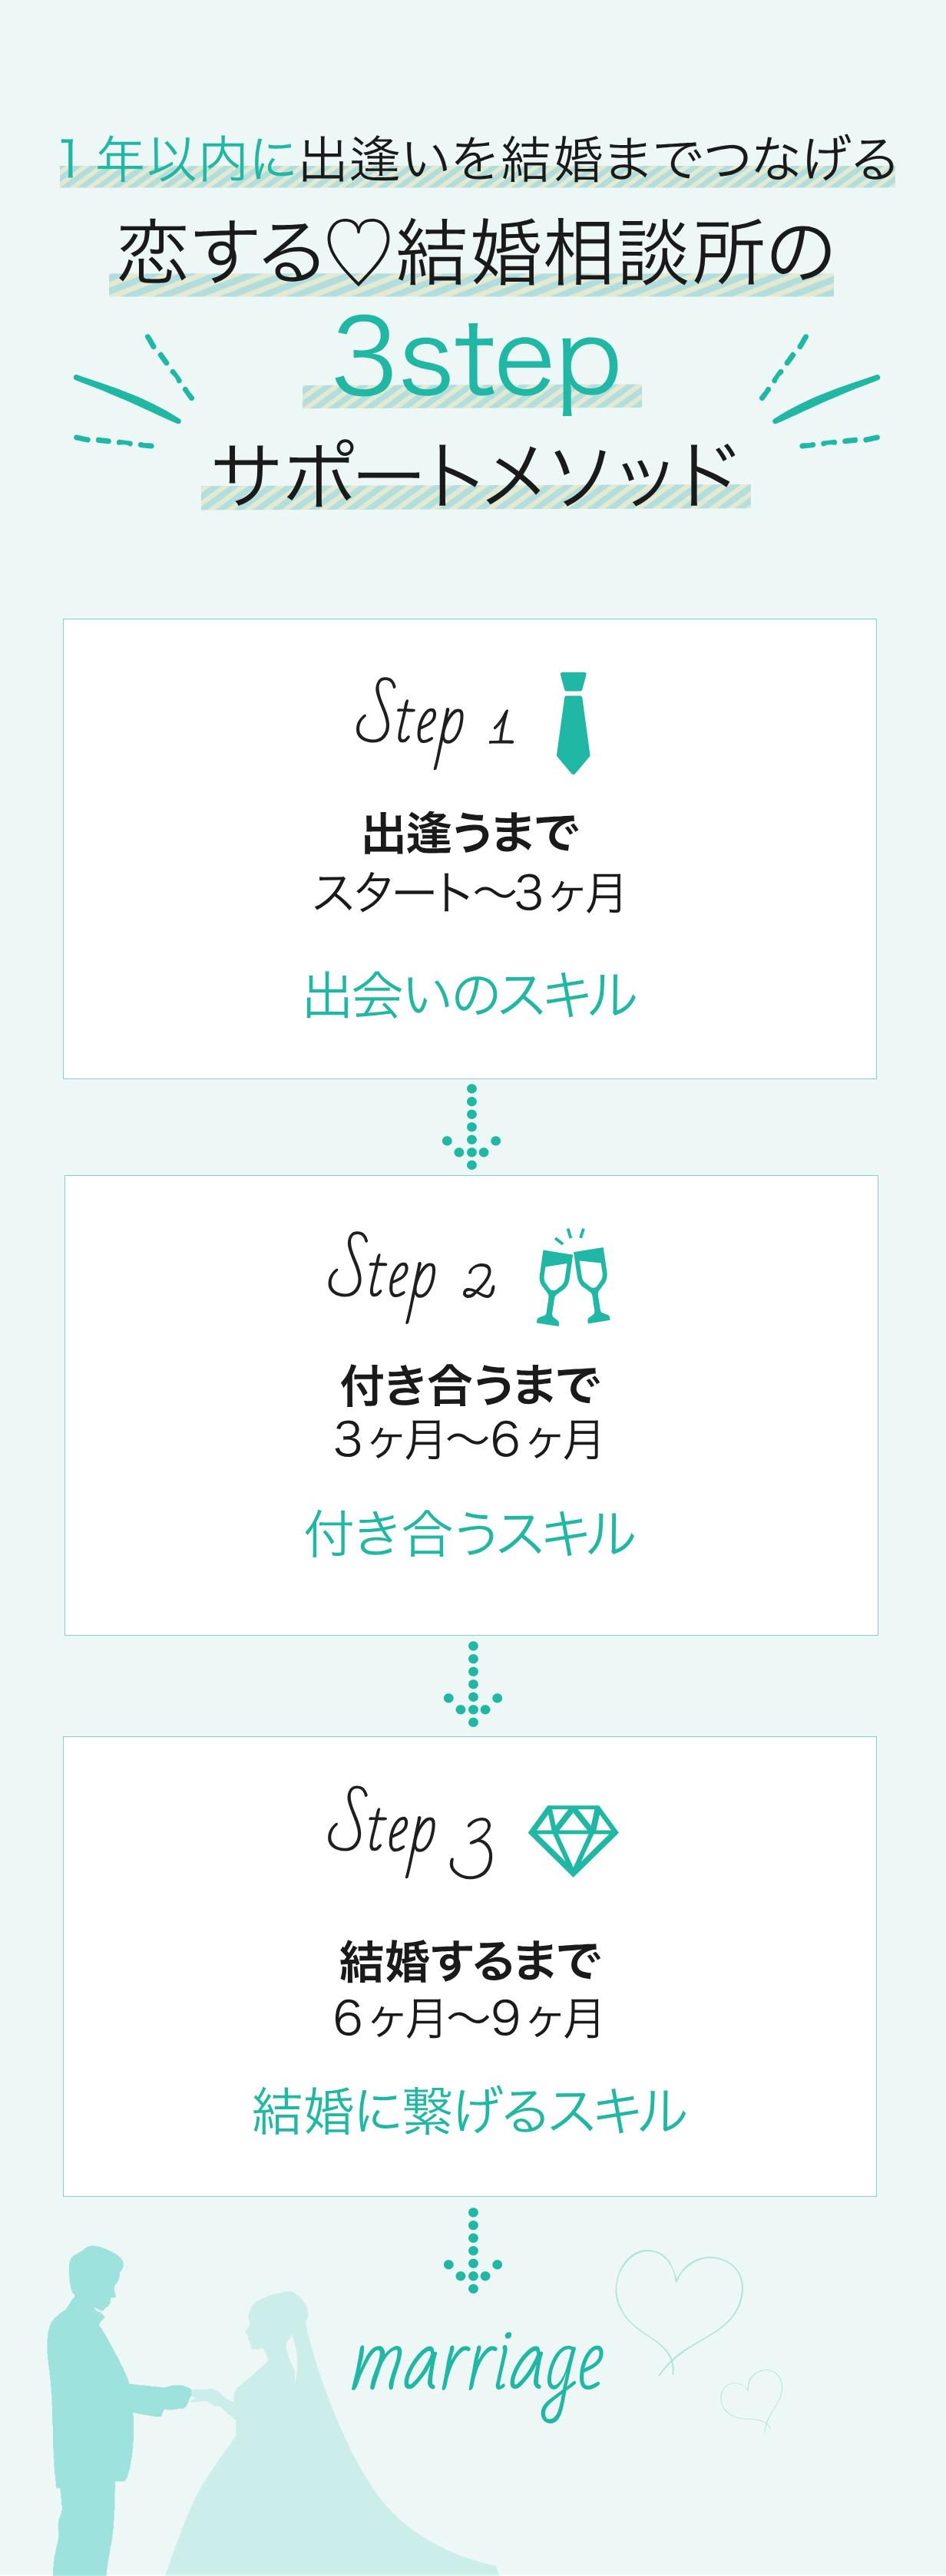 3stepサポートメソッド